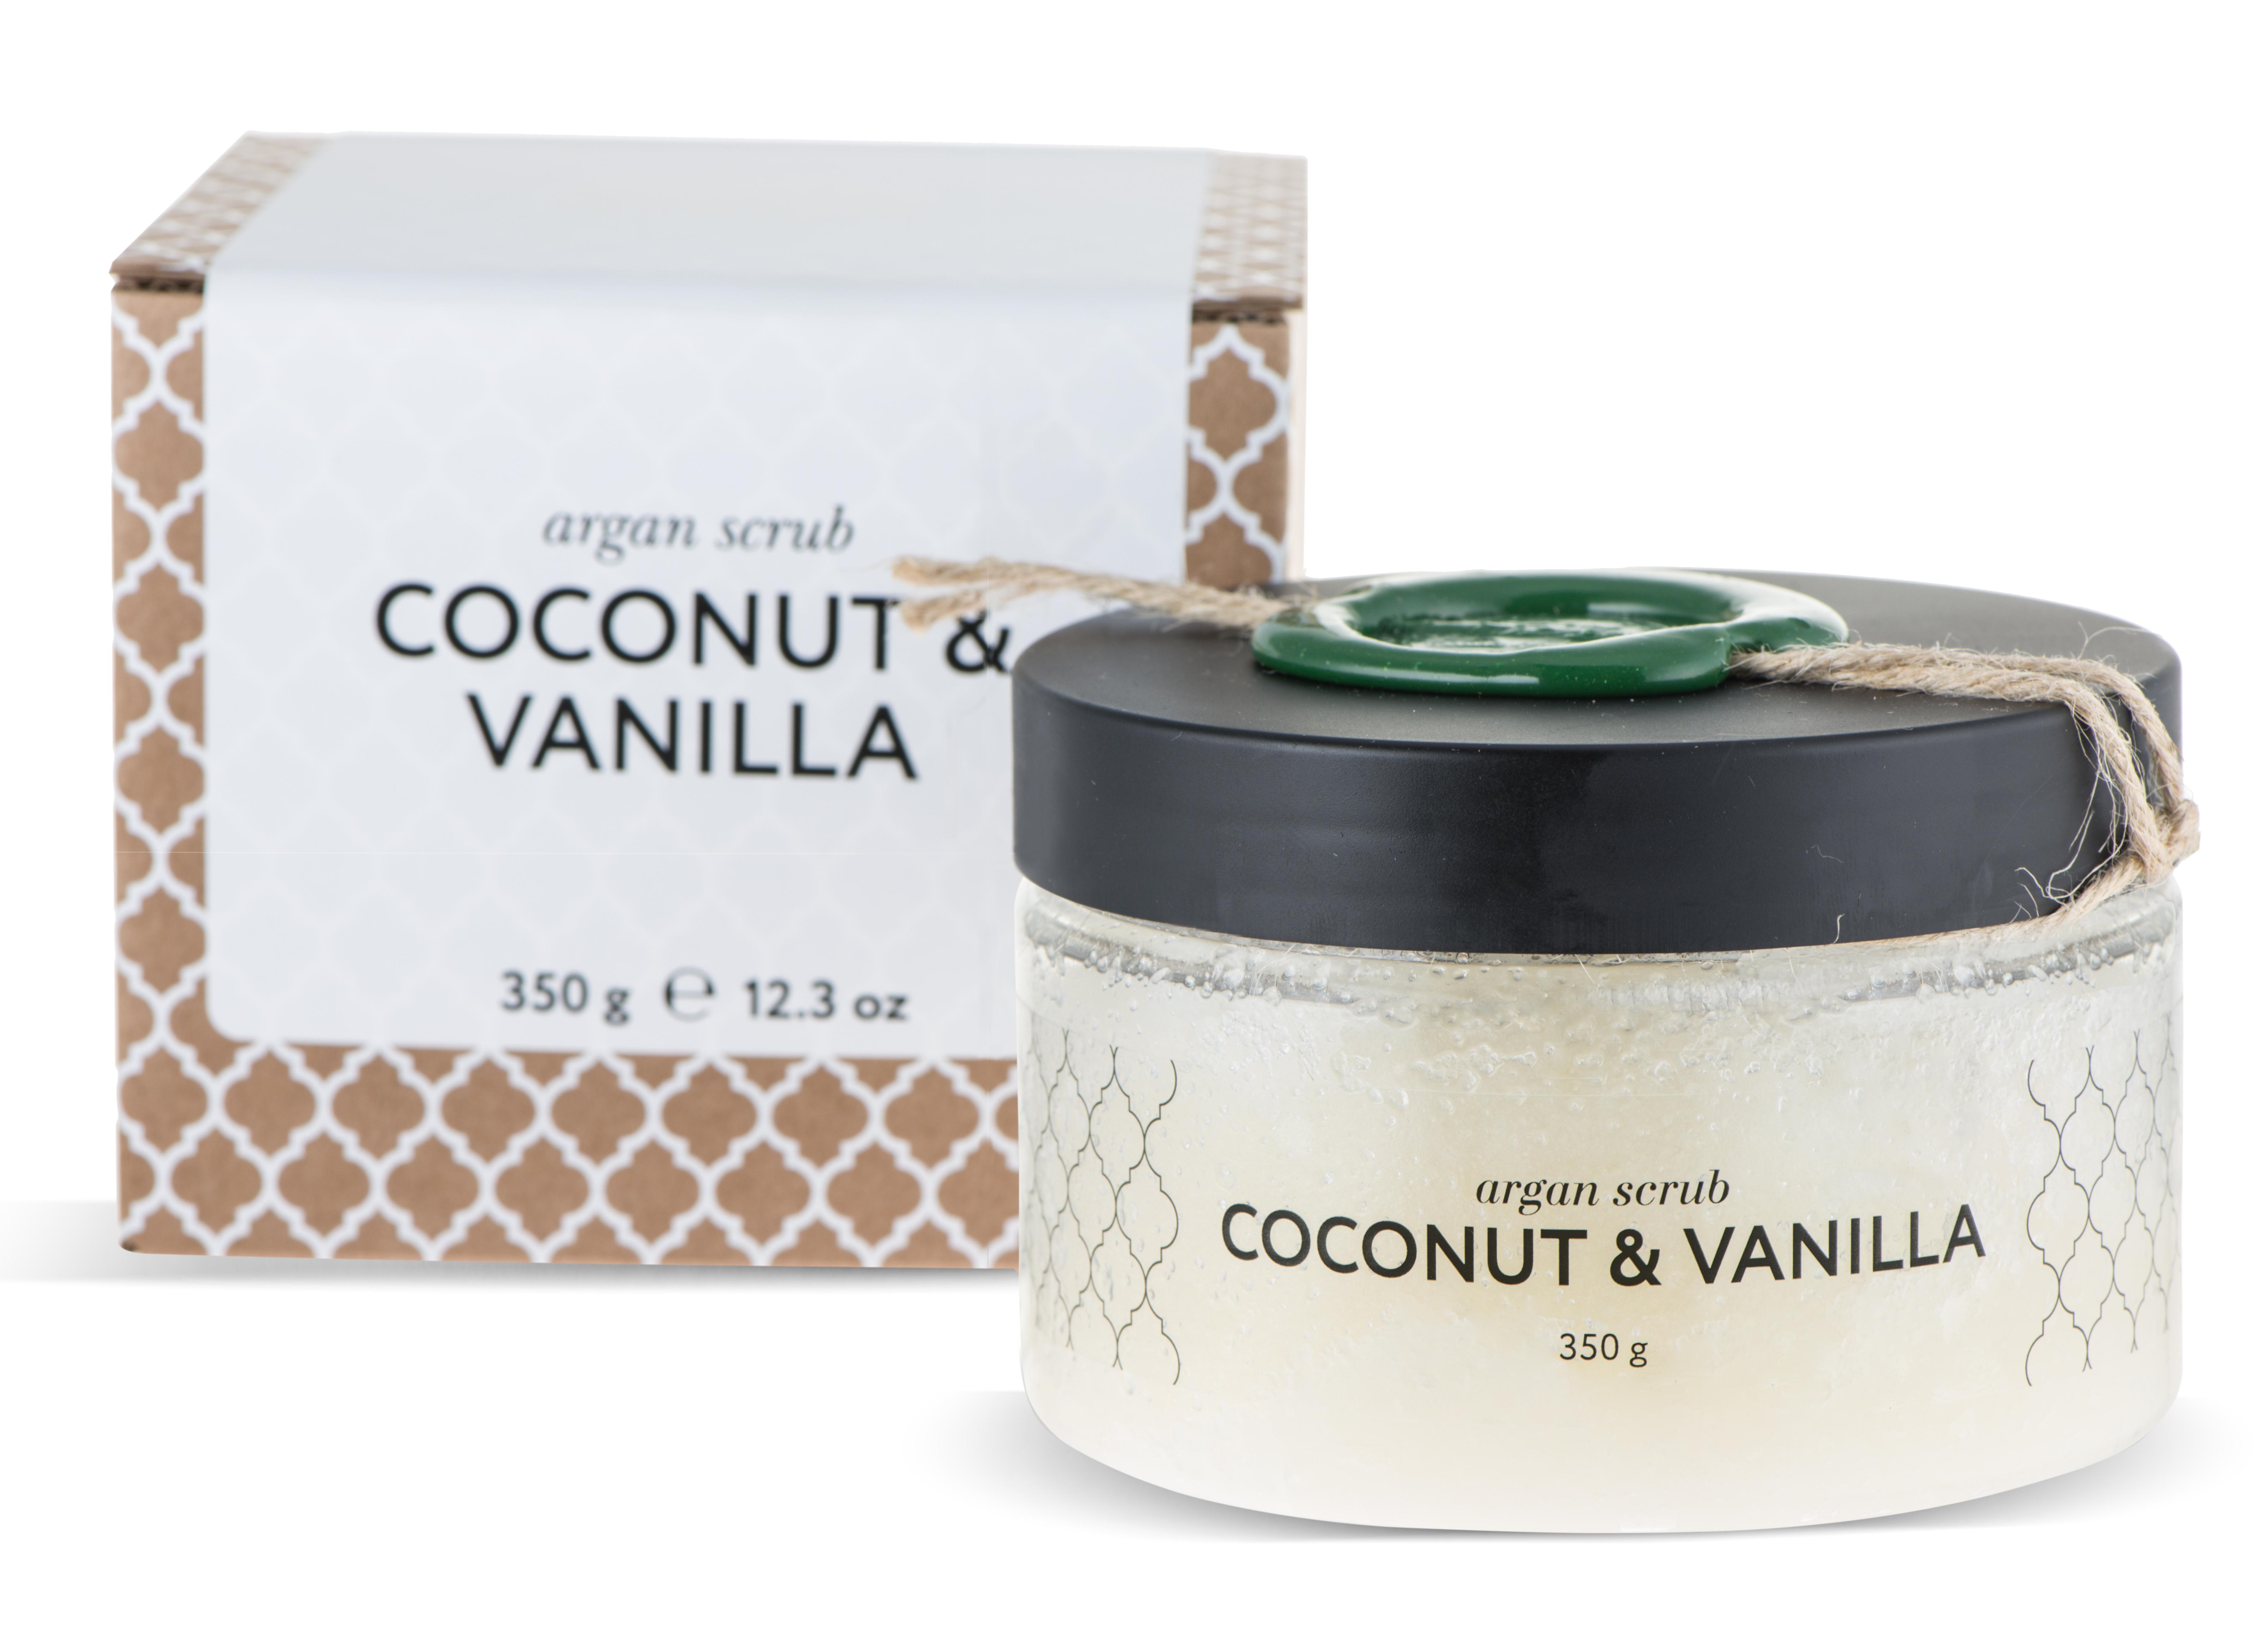 HUILARGAN Скраб аргановый солевой для тела, кокос-ваниль 350 г